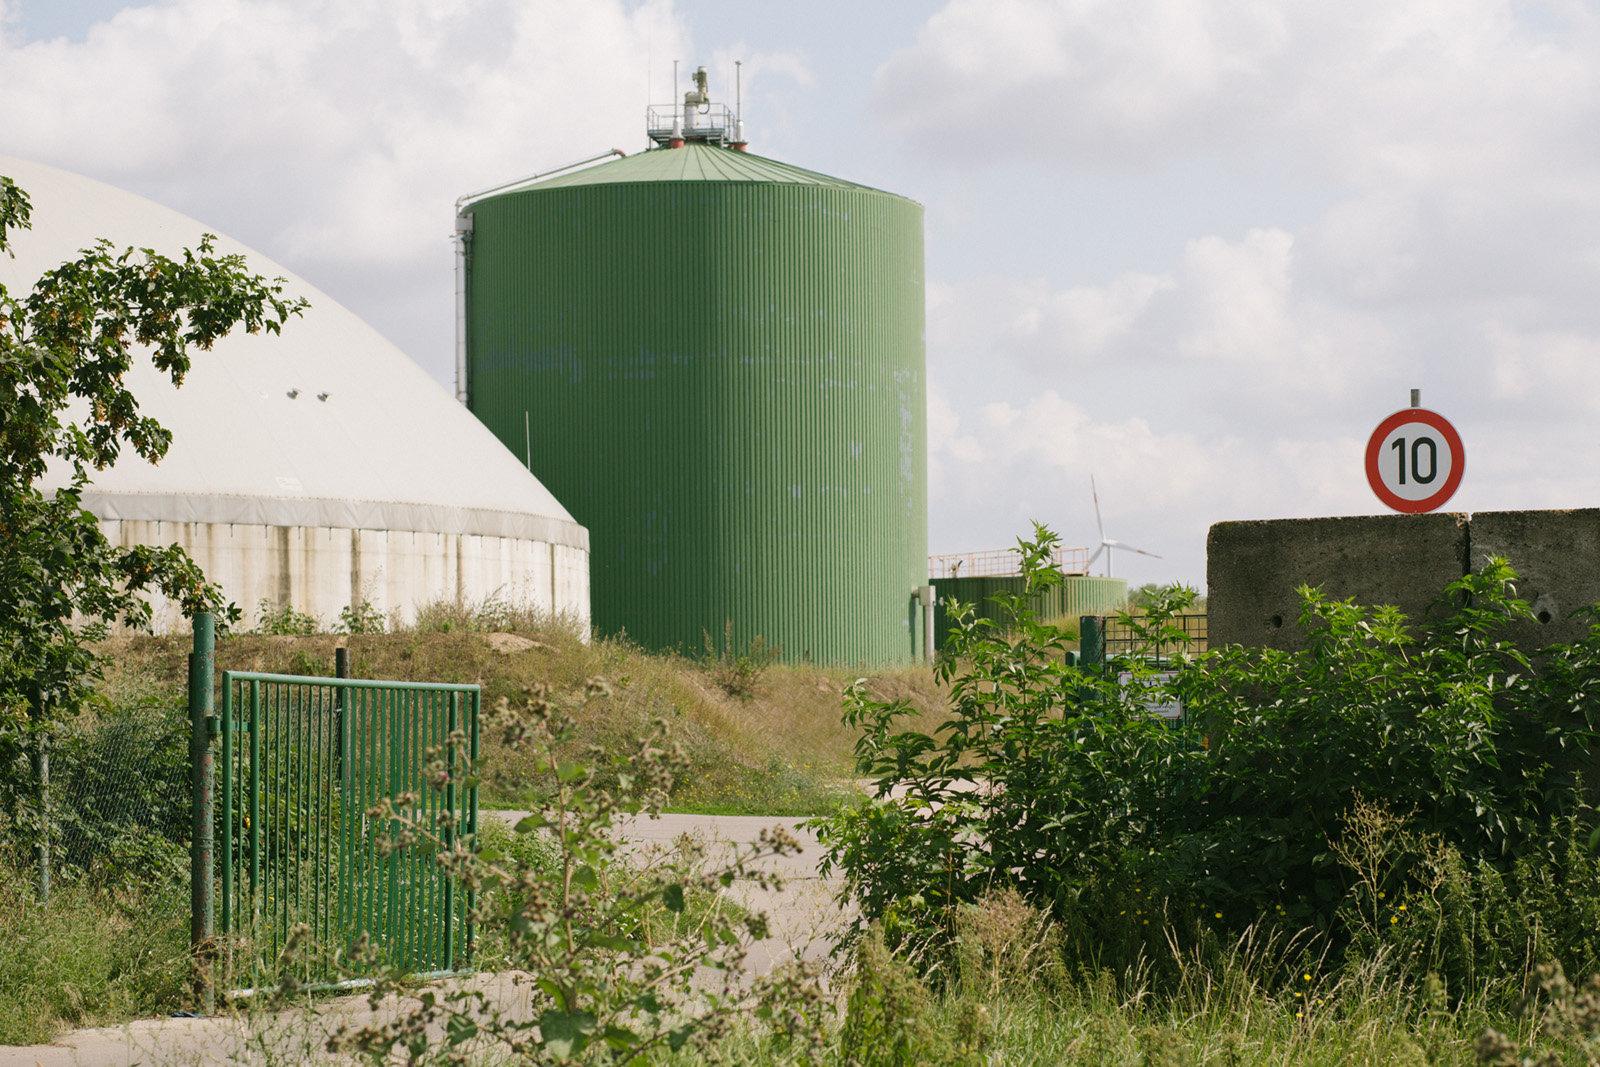 Schweinezucht in Neumark, Thüringen